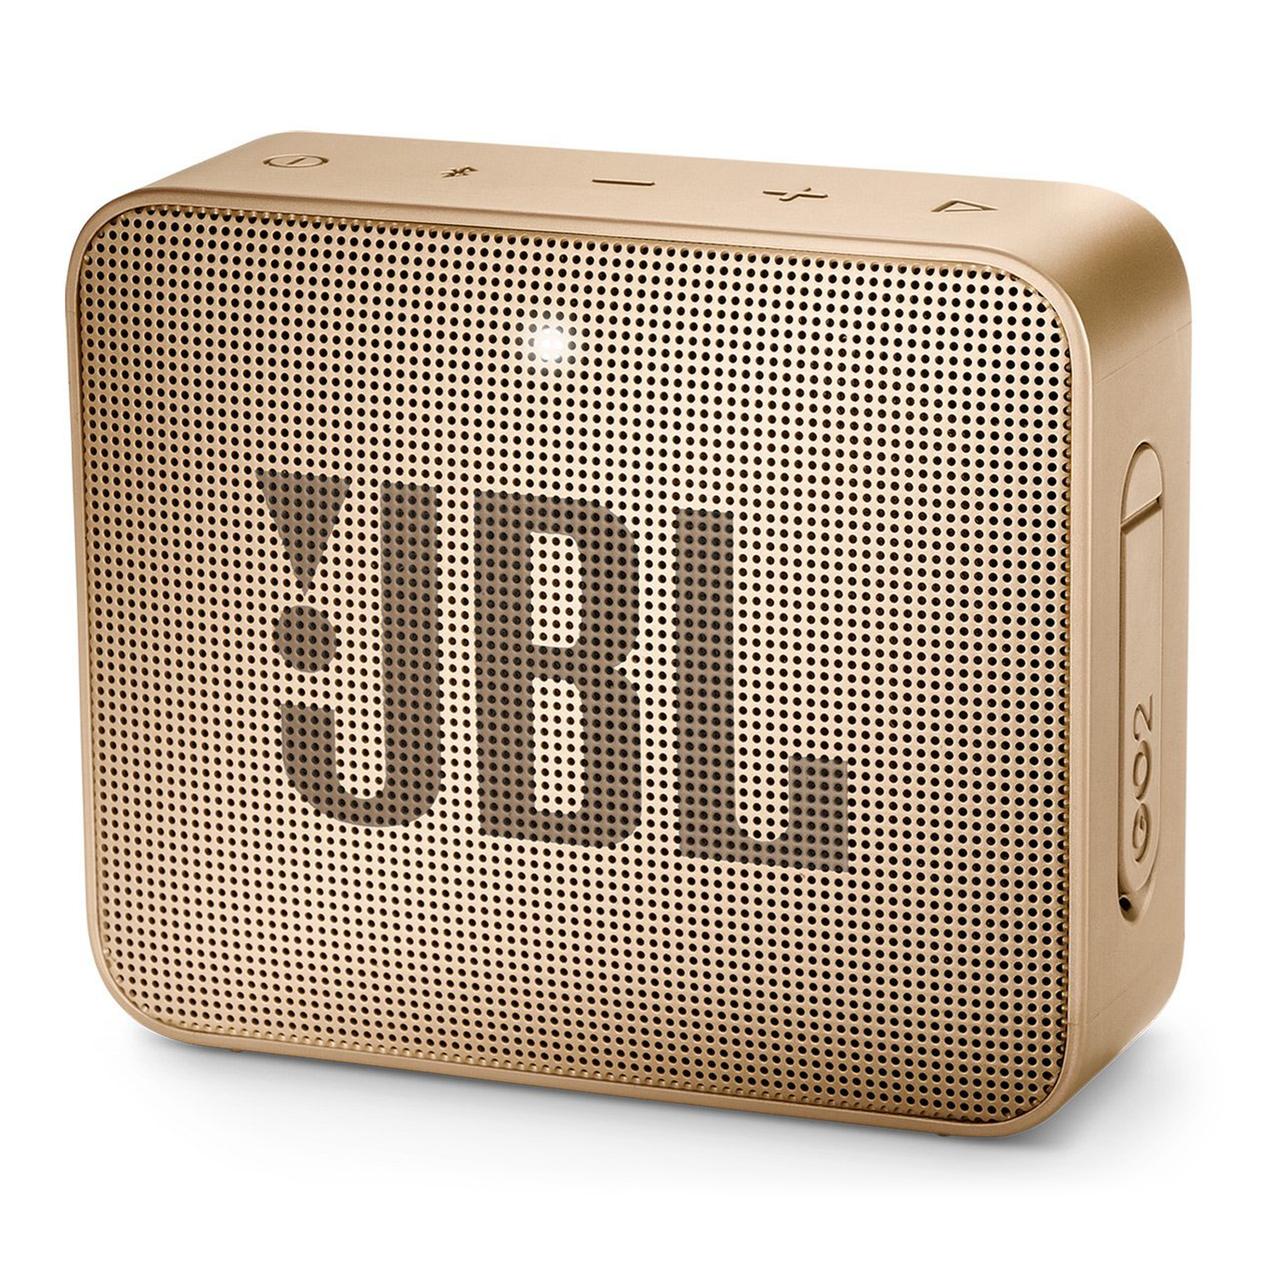 Портативна колонка JBL GO 2 (Champagne) JBLGO2CHAMPAGNE